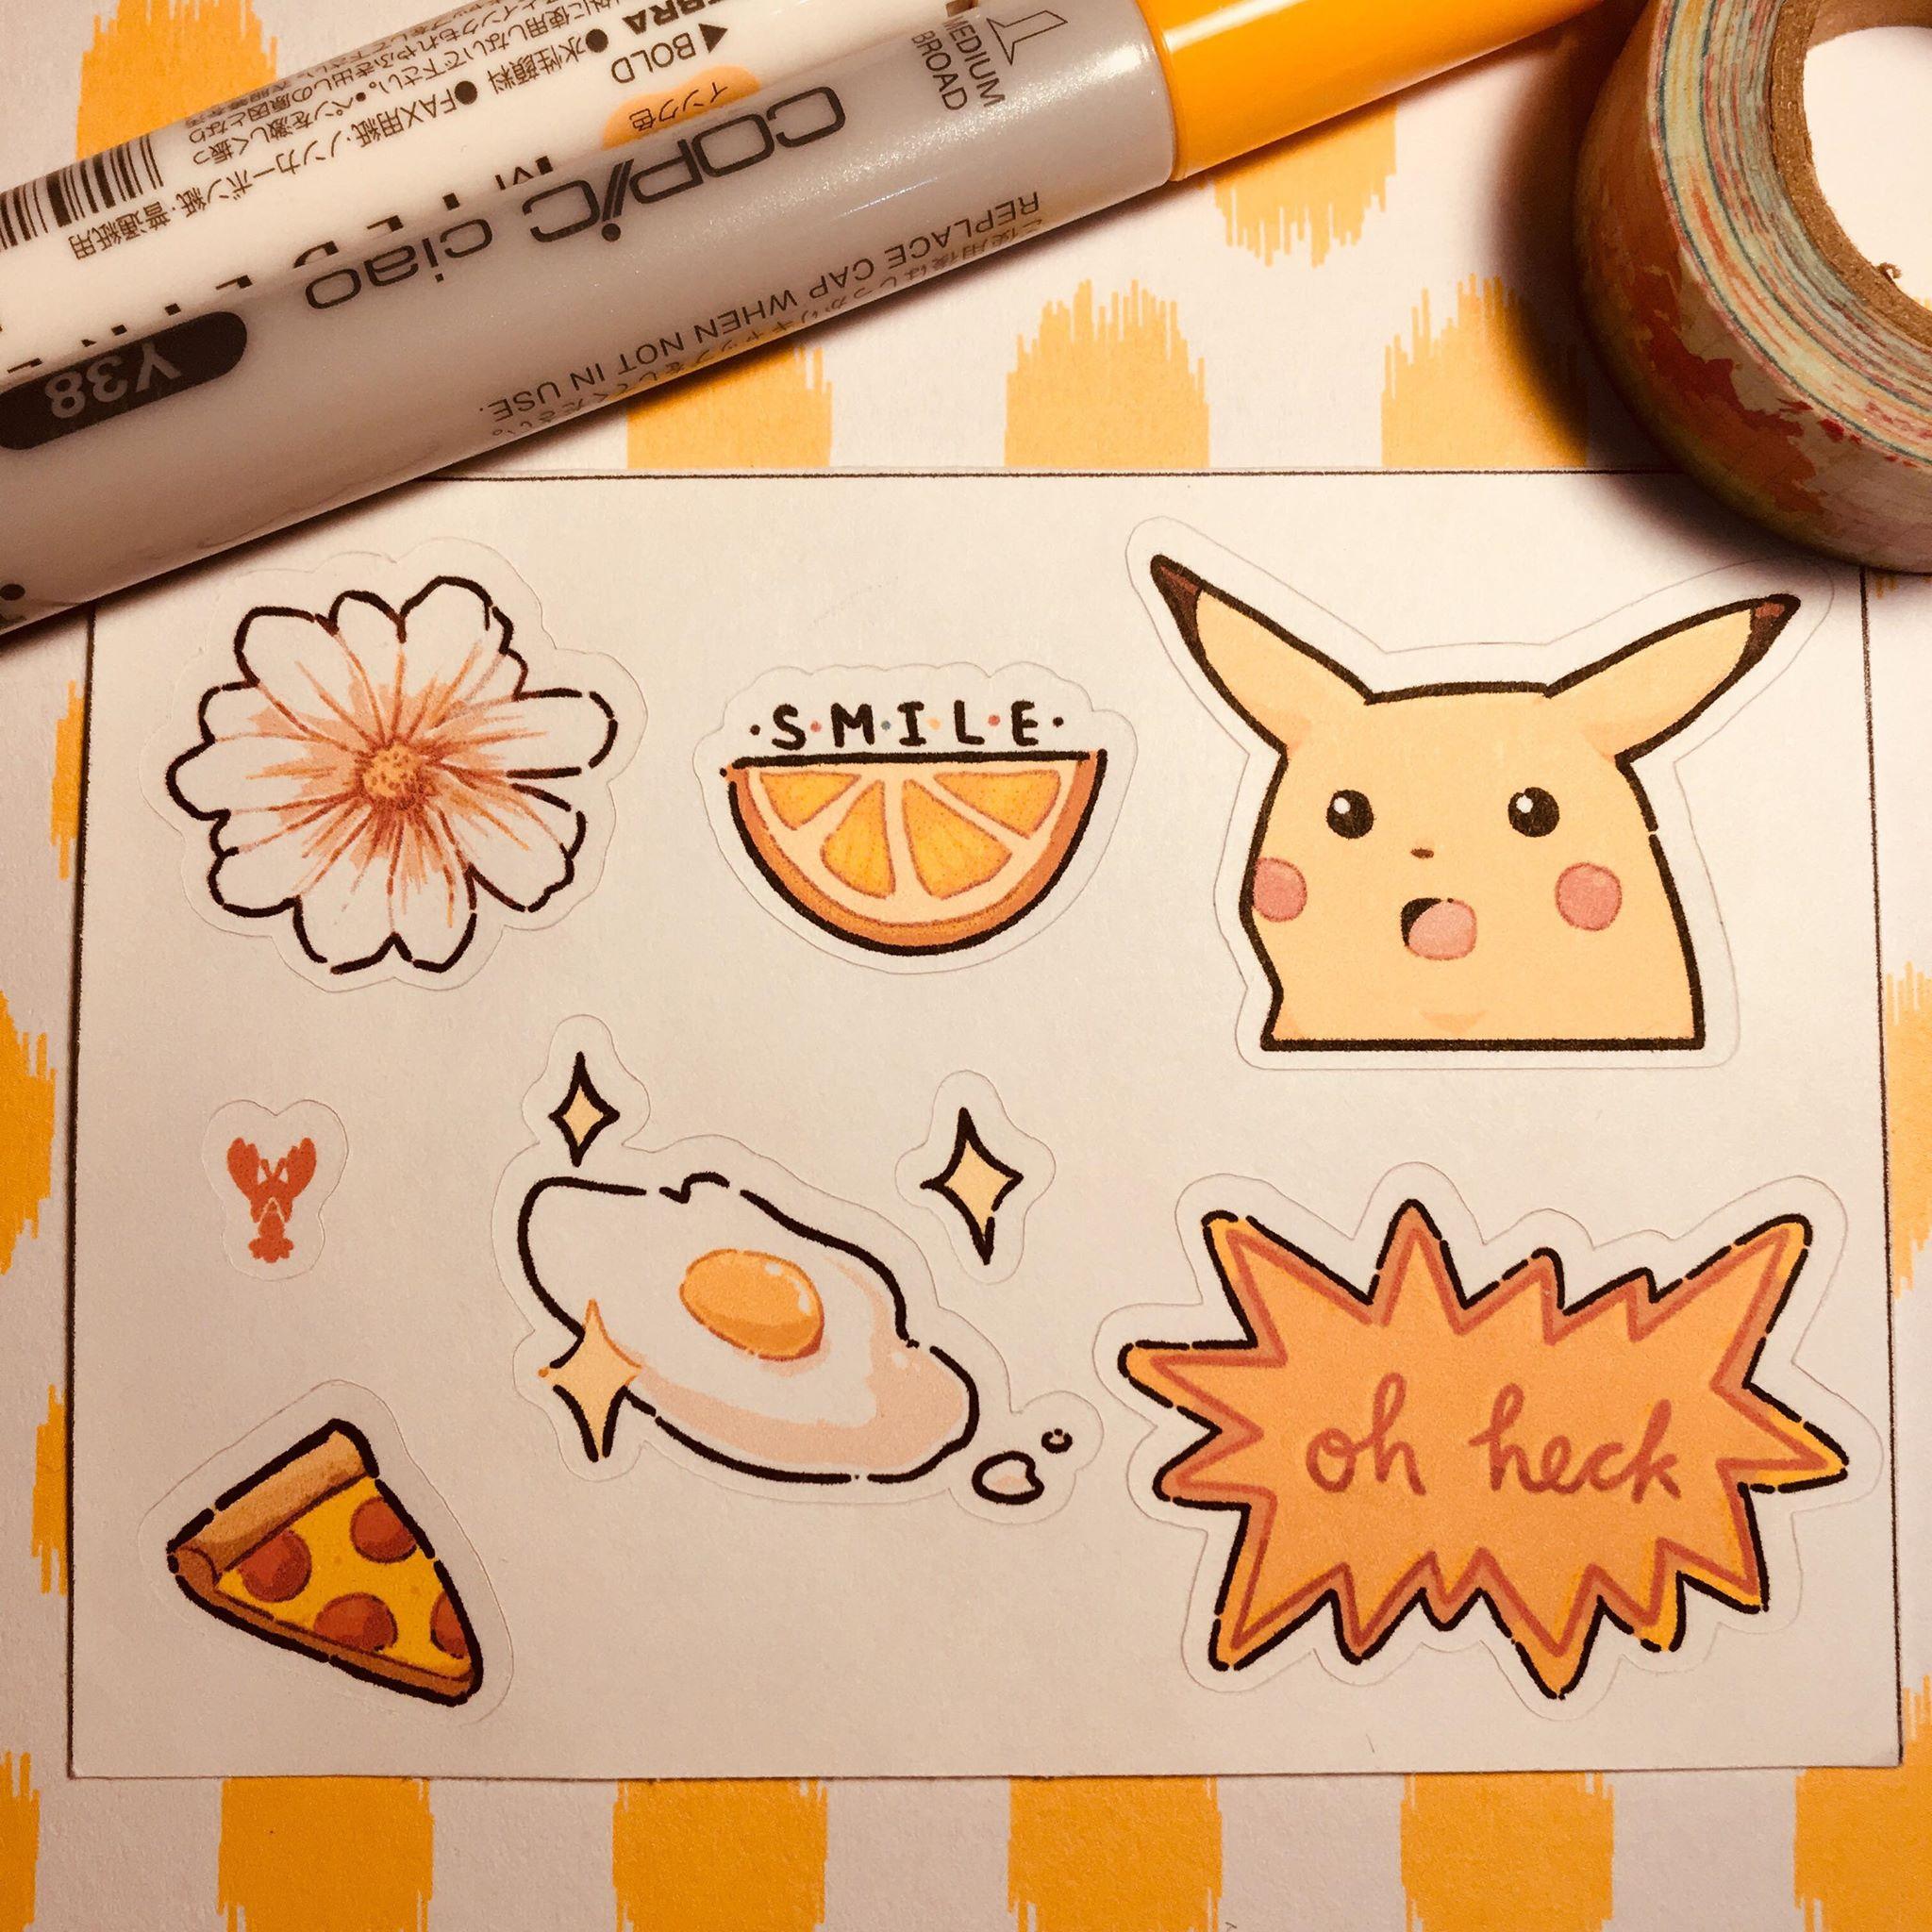 Orange Aesthetic Sticker Set From ˏˋlobbopaloozaˎˊ